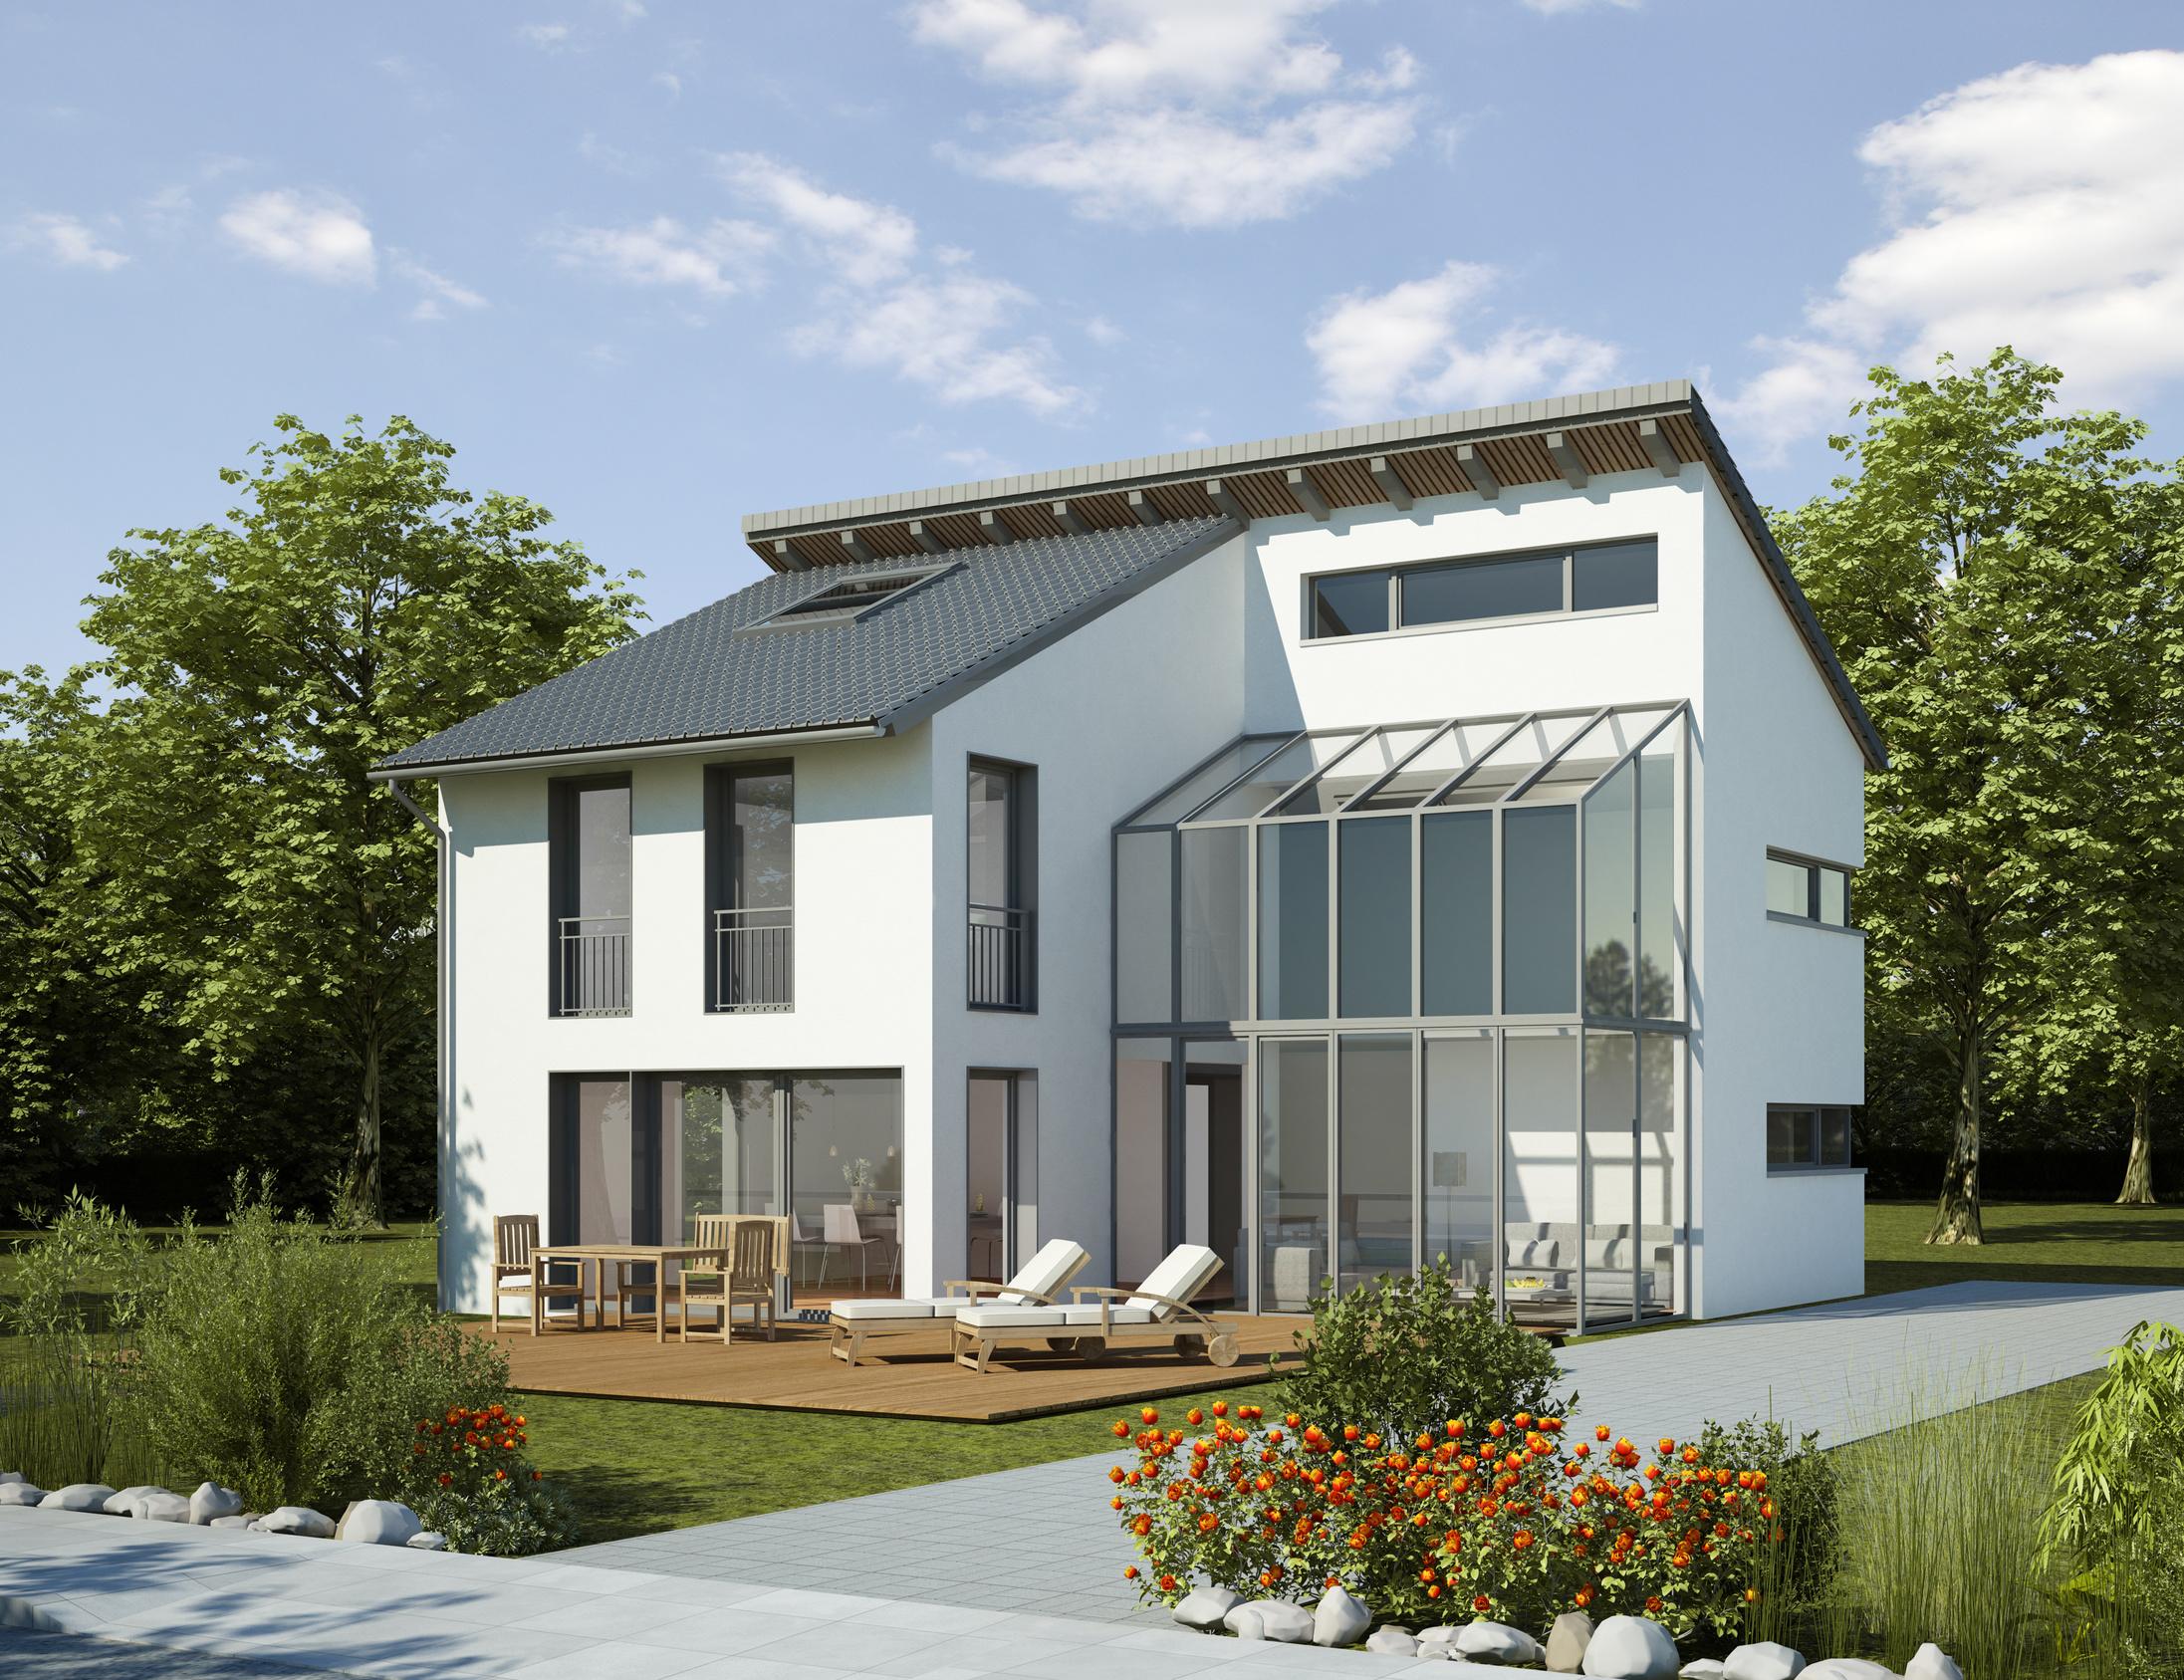 Wir bieten Ihnen die Beratung, Planung und Umsetzung von Wintergärten.